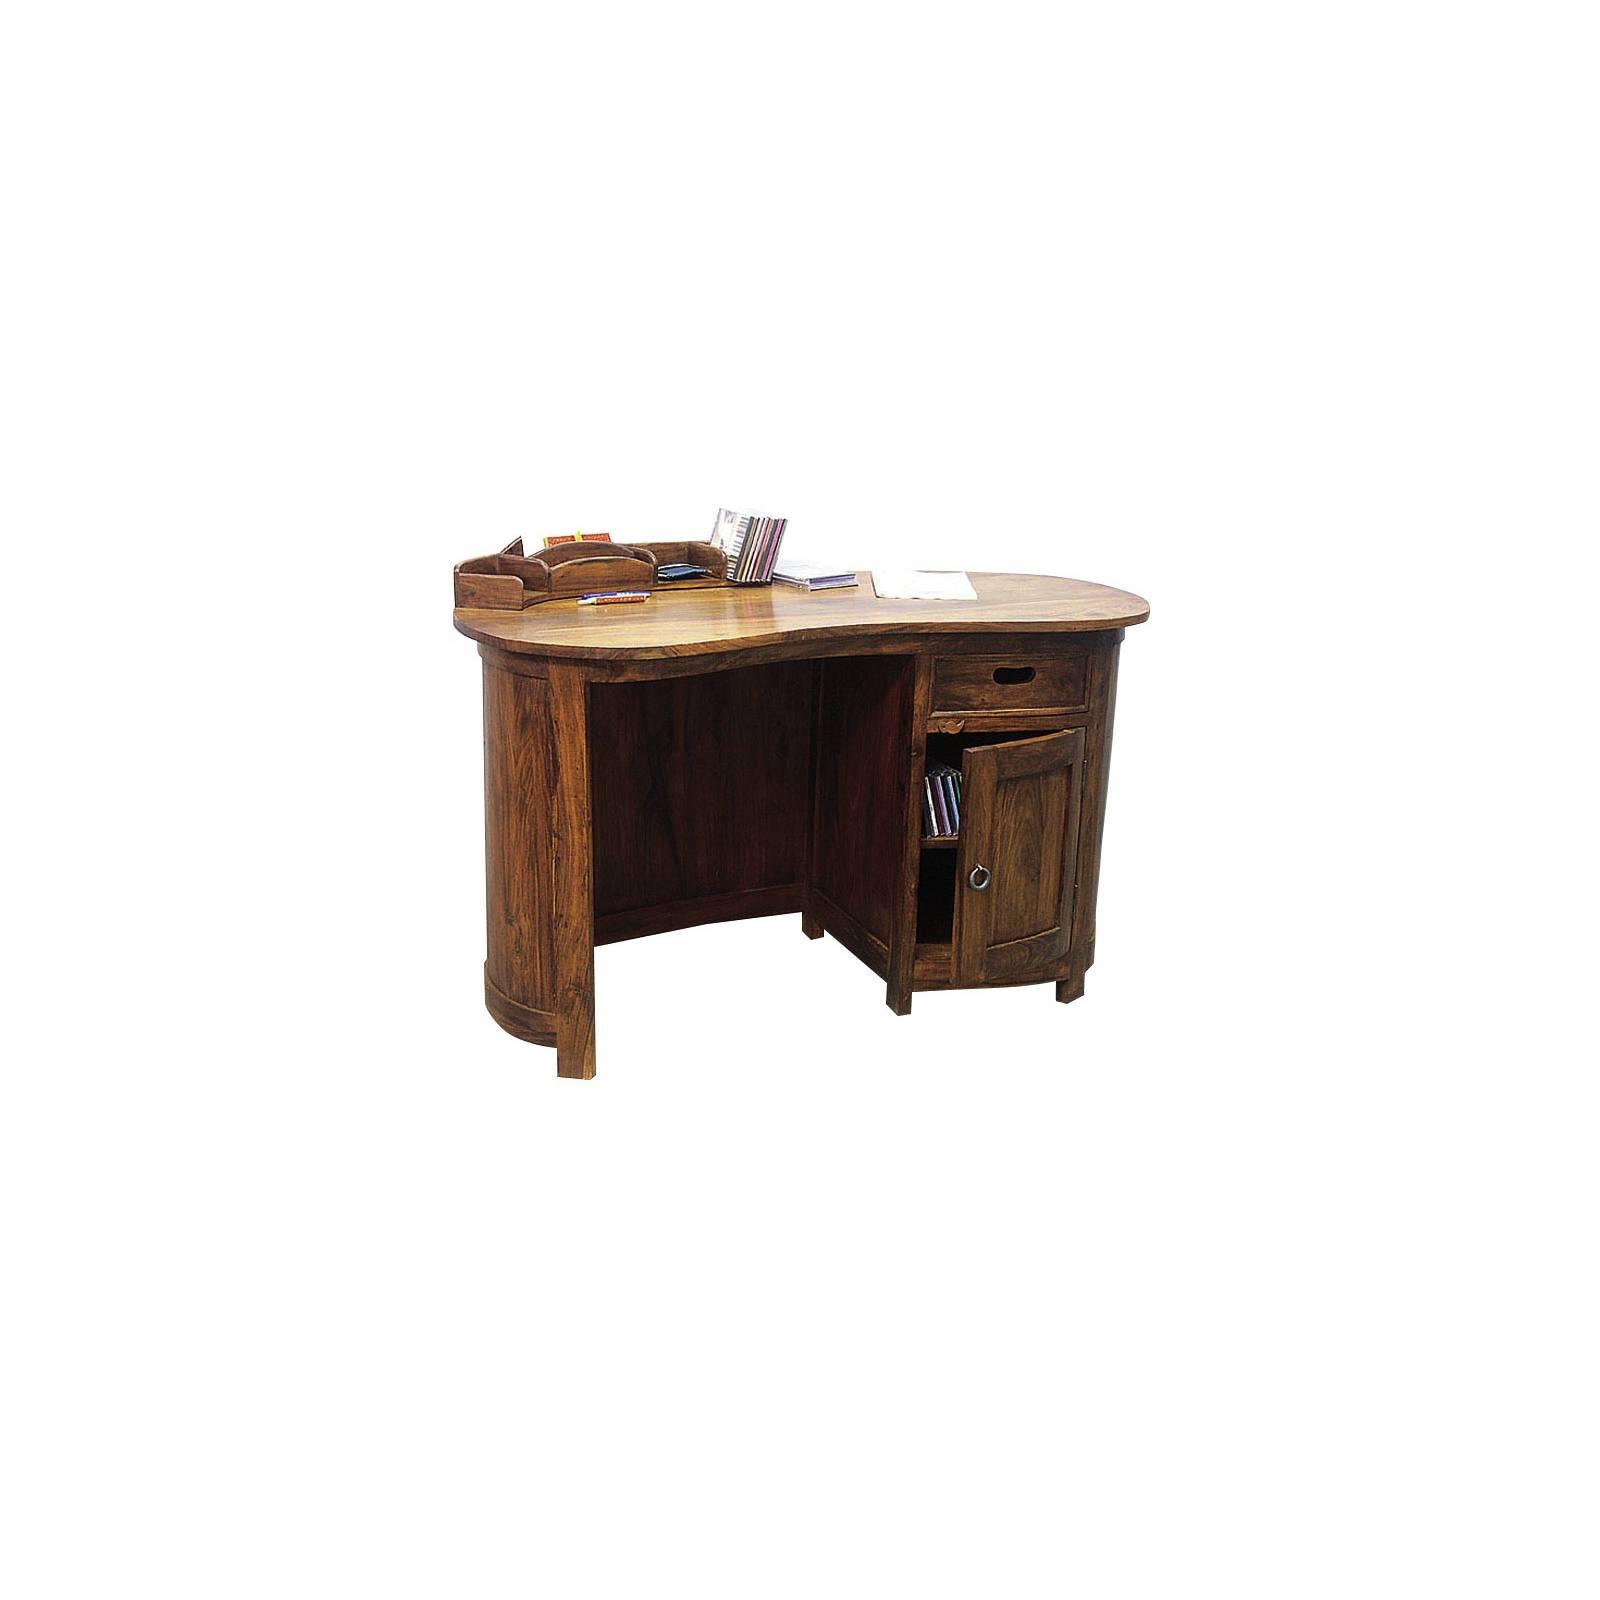 Bureau Tradition Palissandre - achat meubles palissandre